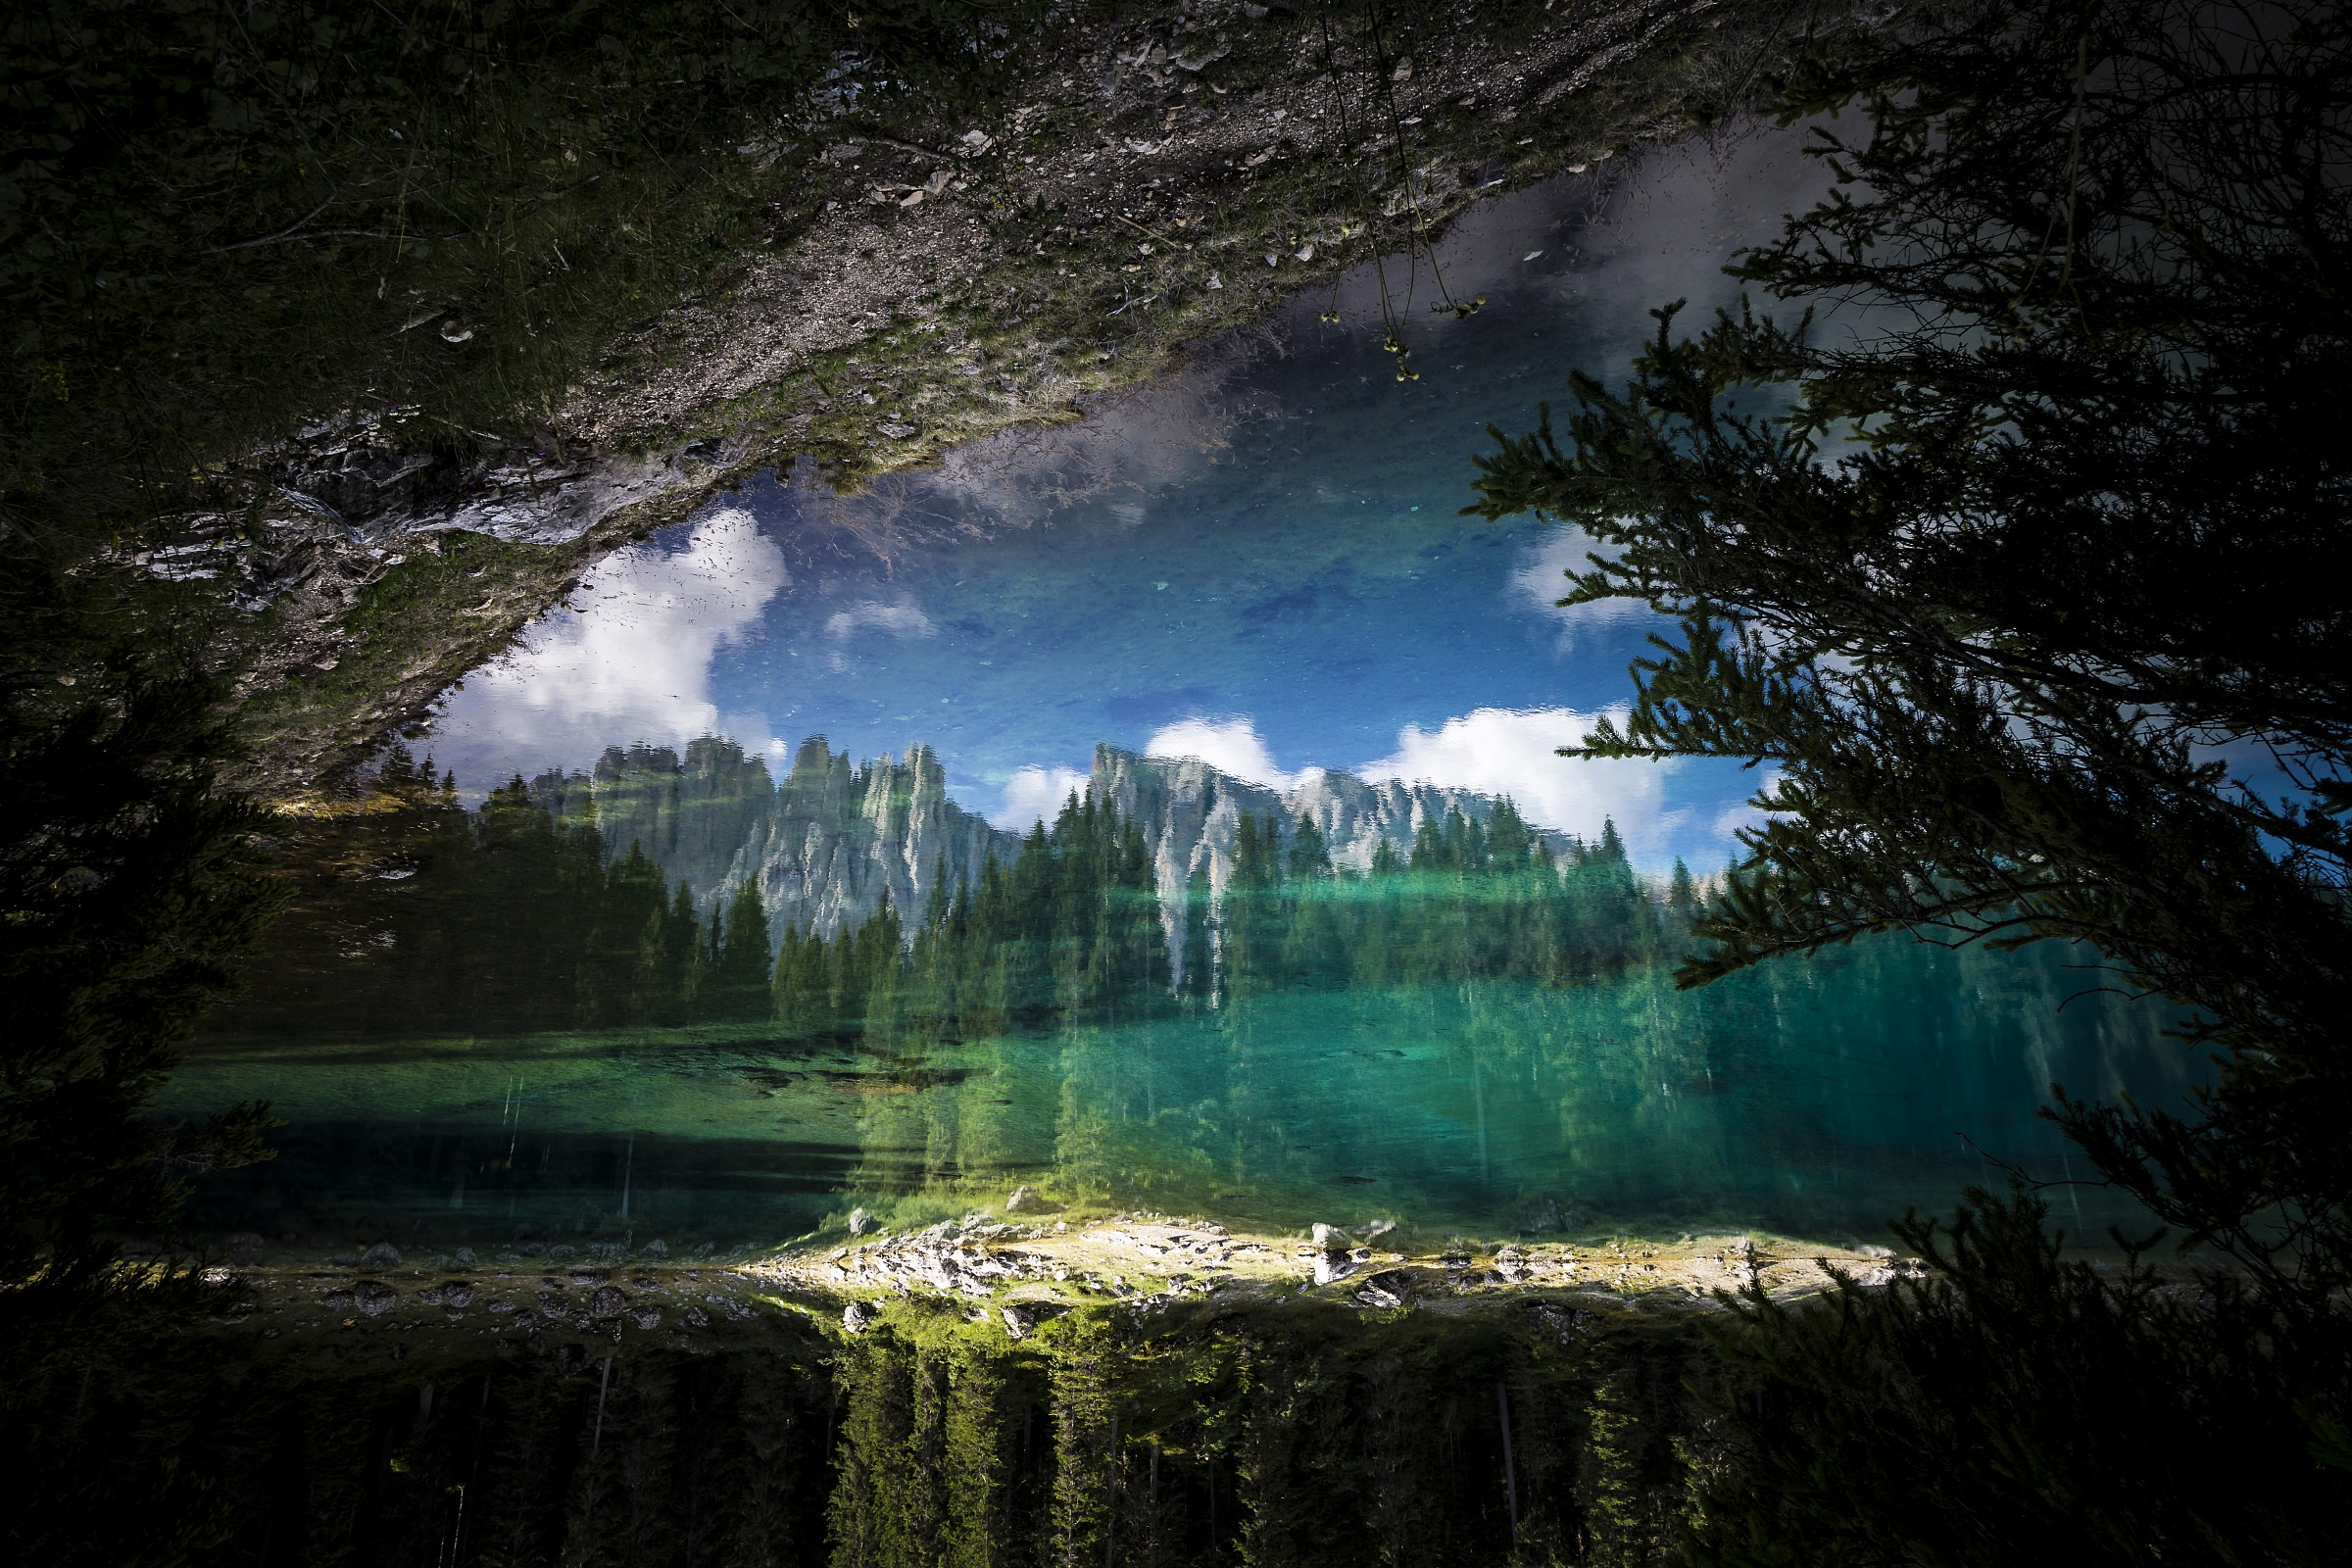 Una finestra sul lago juzaphoto - Una finestra sul lago ...